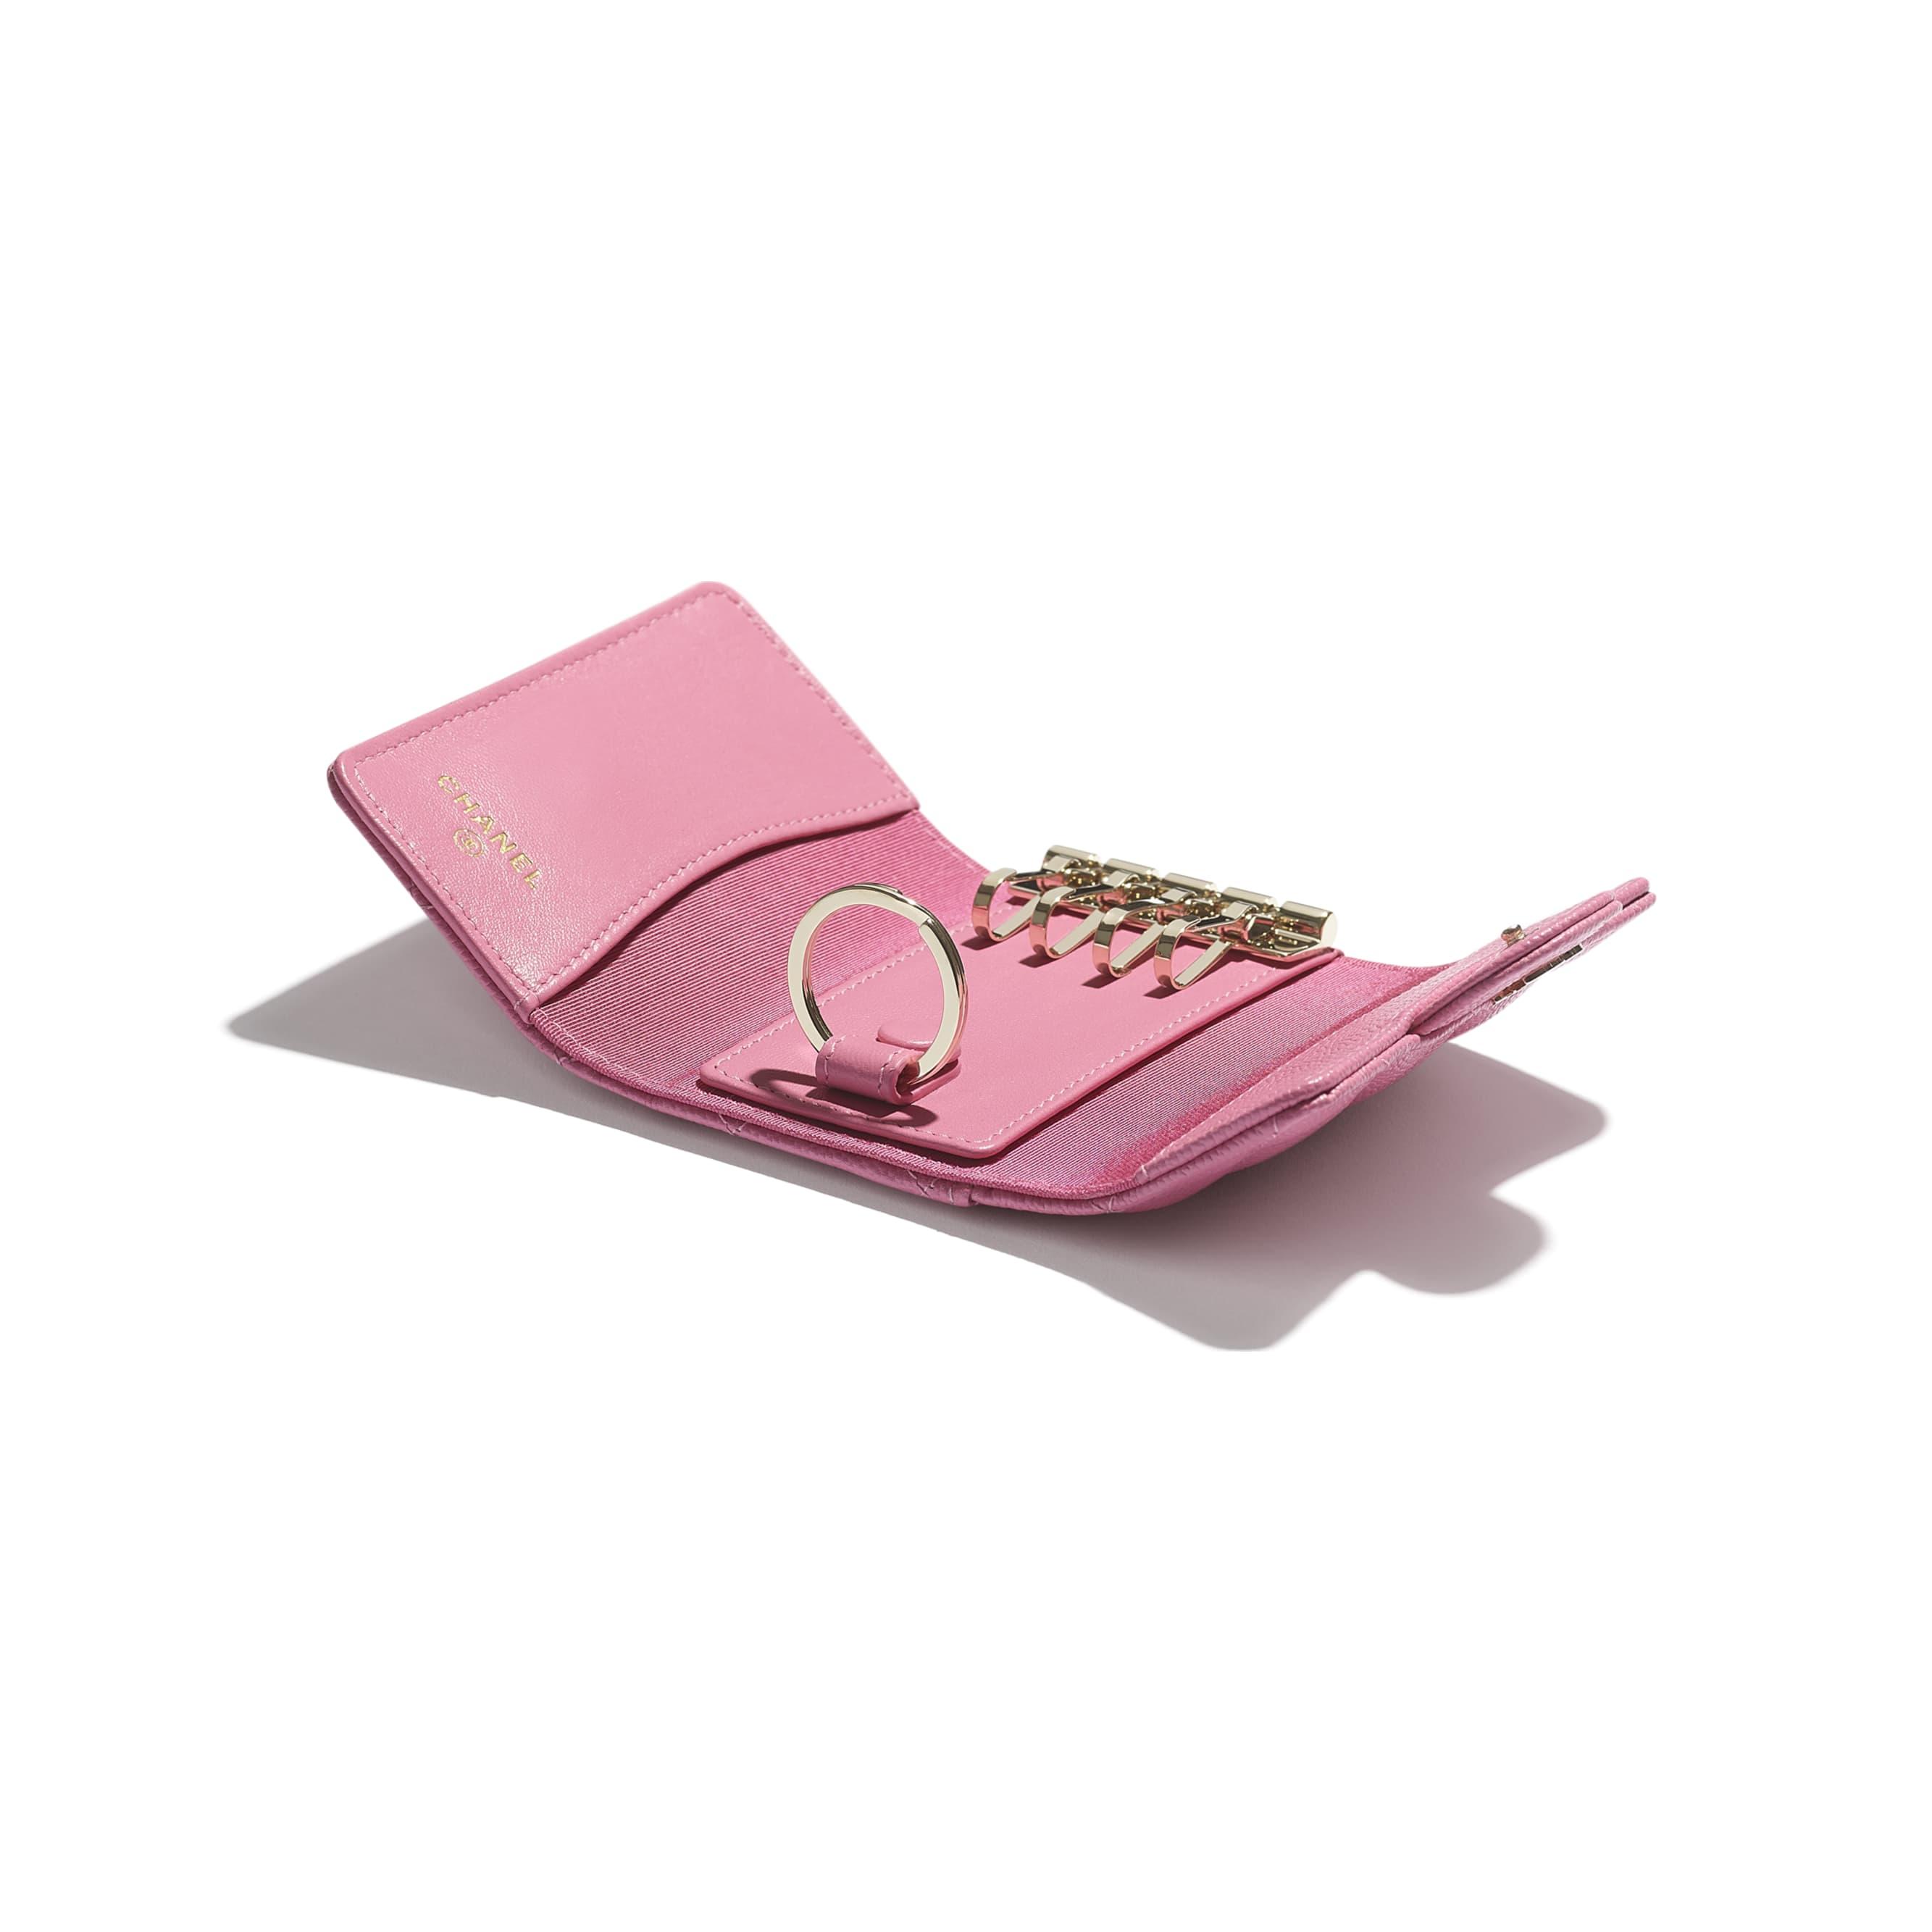 Klassisches Schlüsseletui mit Patte - Rosa - Genarbtes Kalbsleder & goldfarbenes Metall - CHANEL - Weitere Ansicht - Standardgröße anzeigen